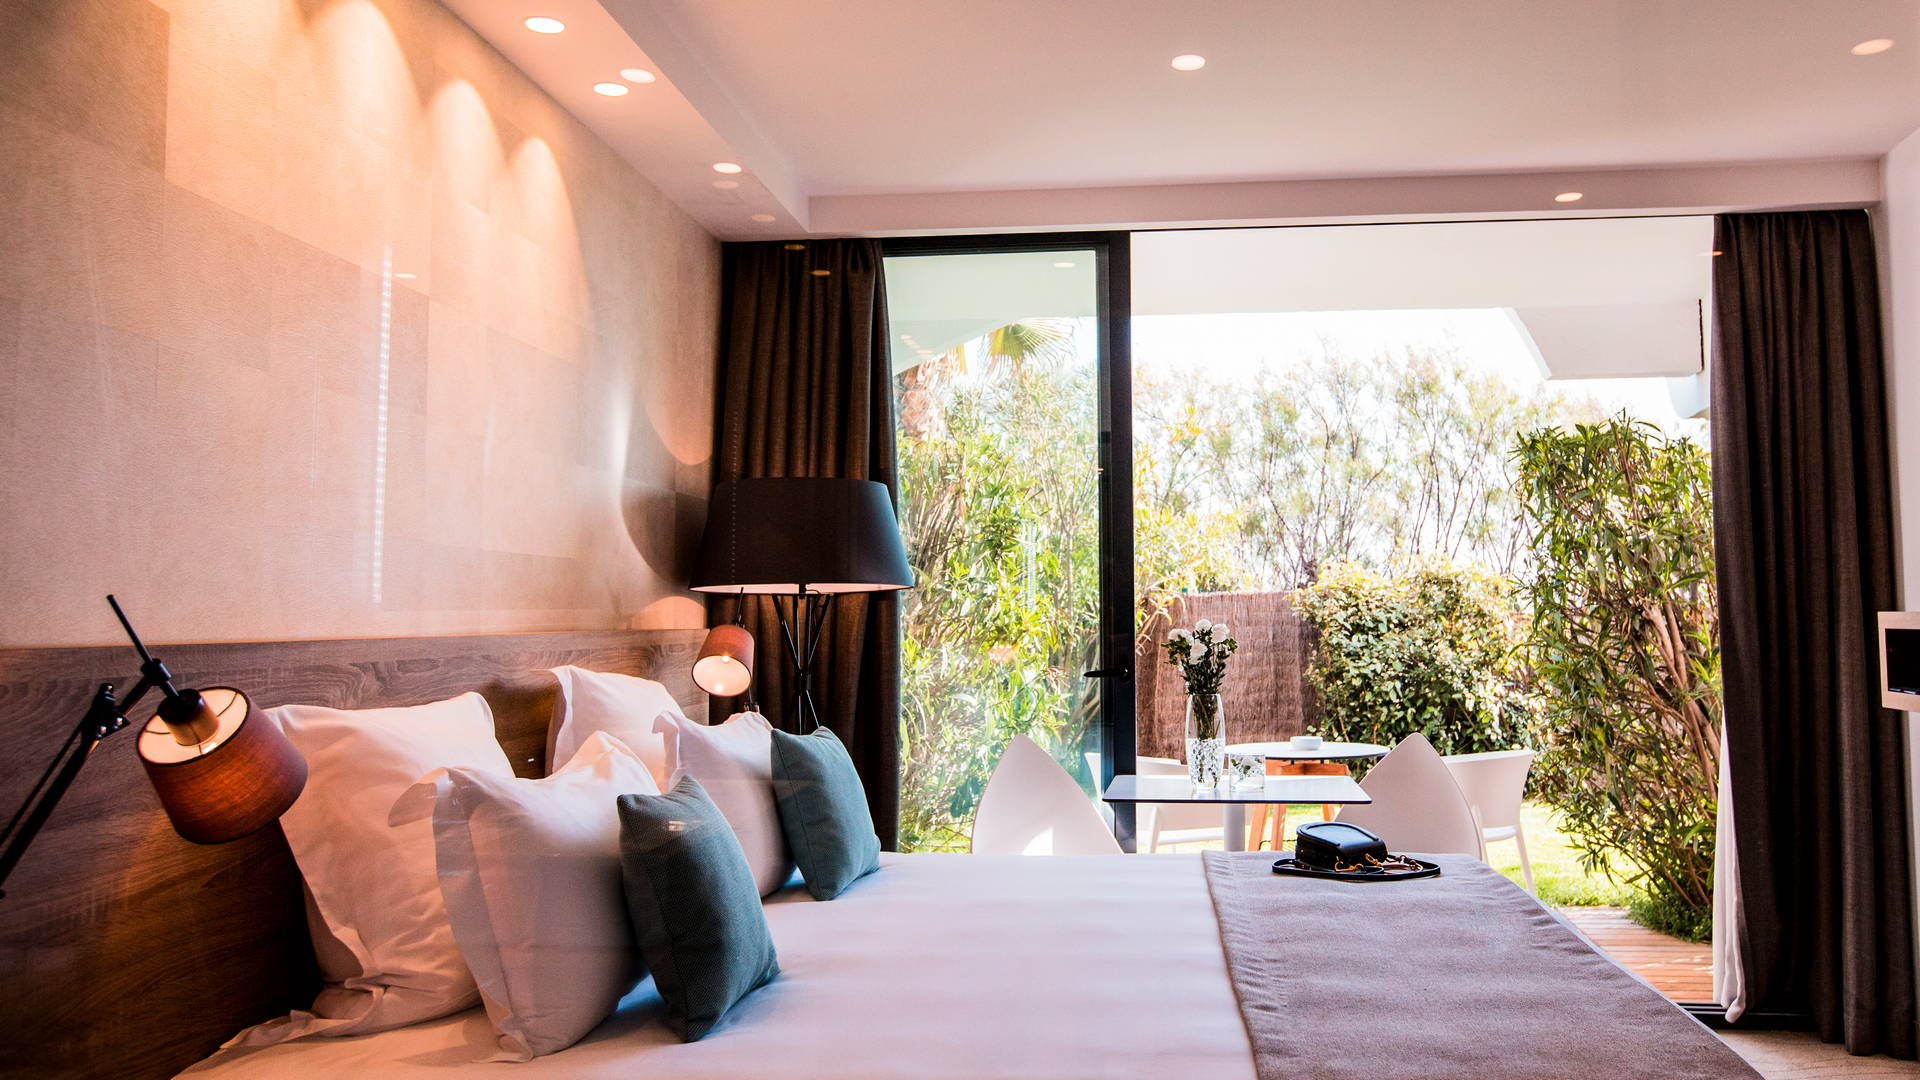 Chambre classique propice à la relaxation avec son jardin paisible et privé, hôtel de charme bord de mer, Hôtel La Plage.